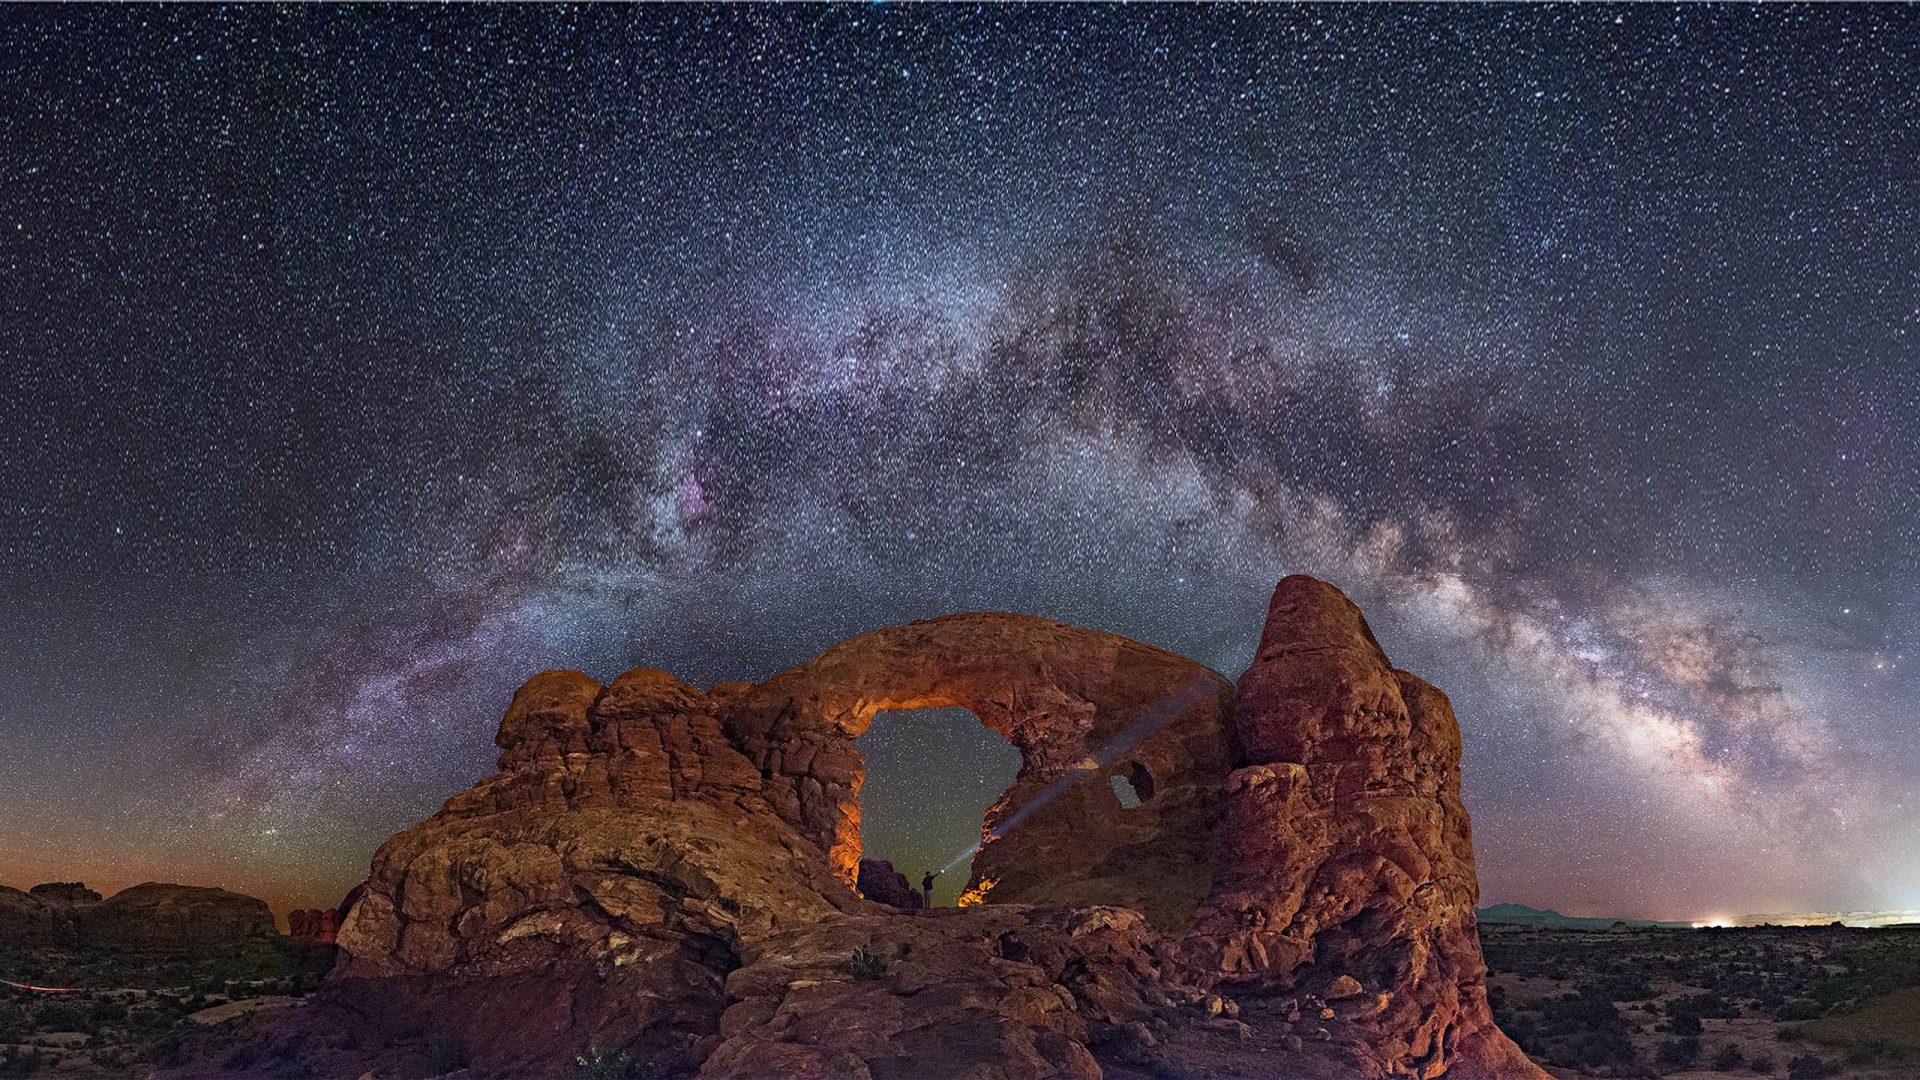 Star Sky Capitol Reef National Park Utah Wallpaper Download Hd 1920x1080